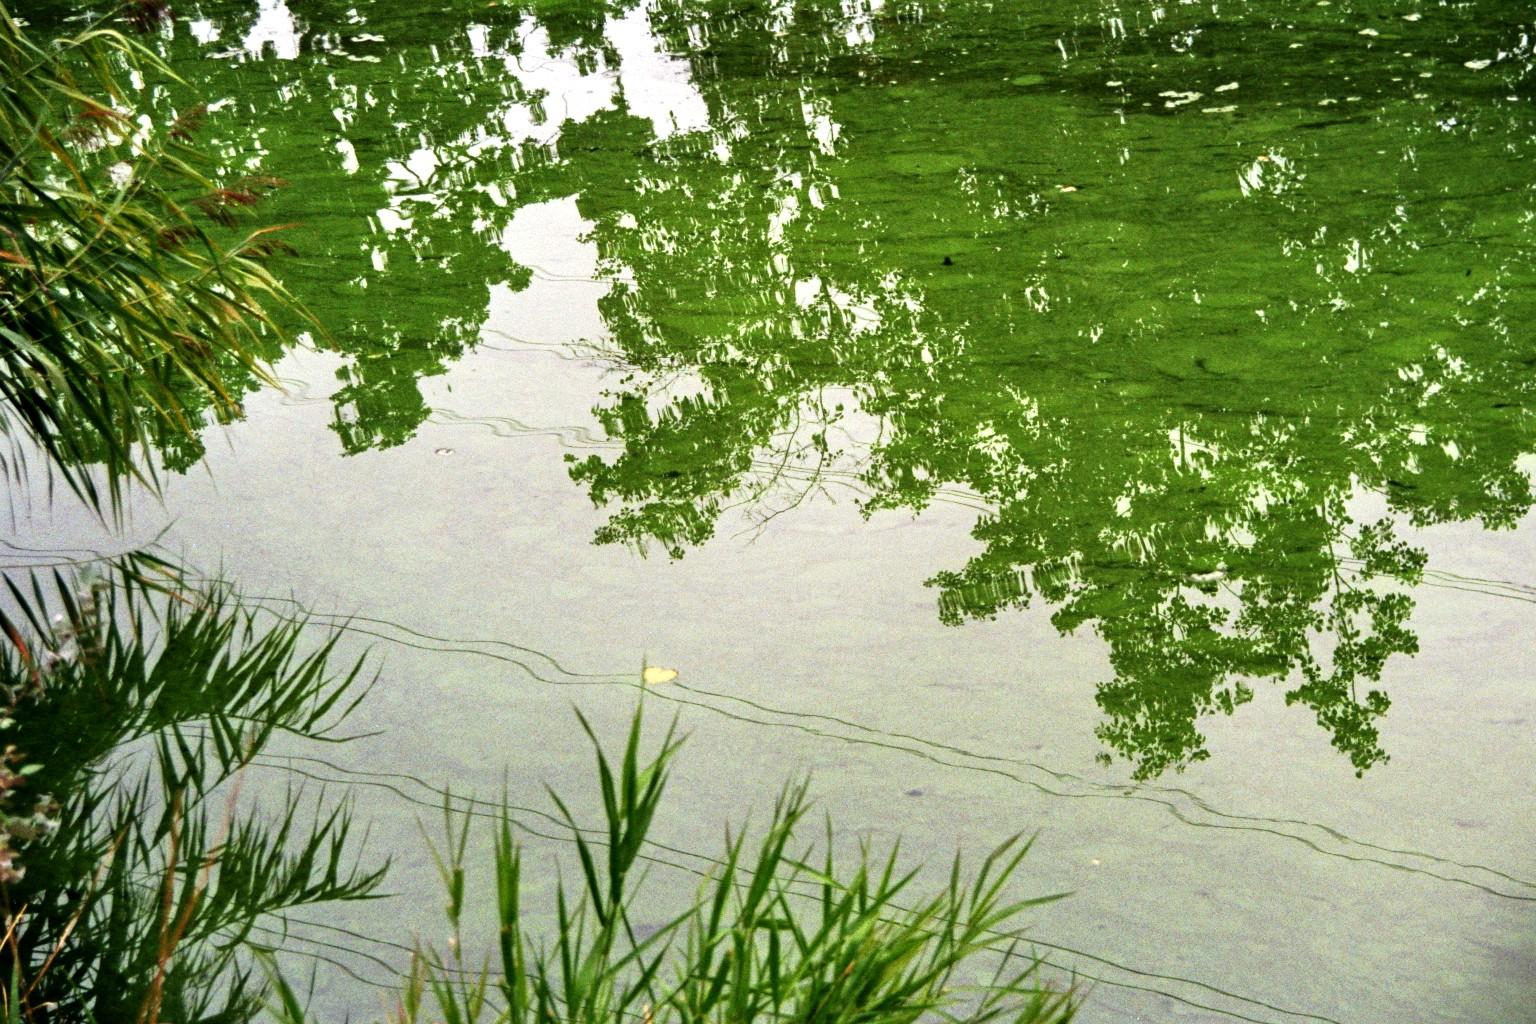 Grüner Spiegel